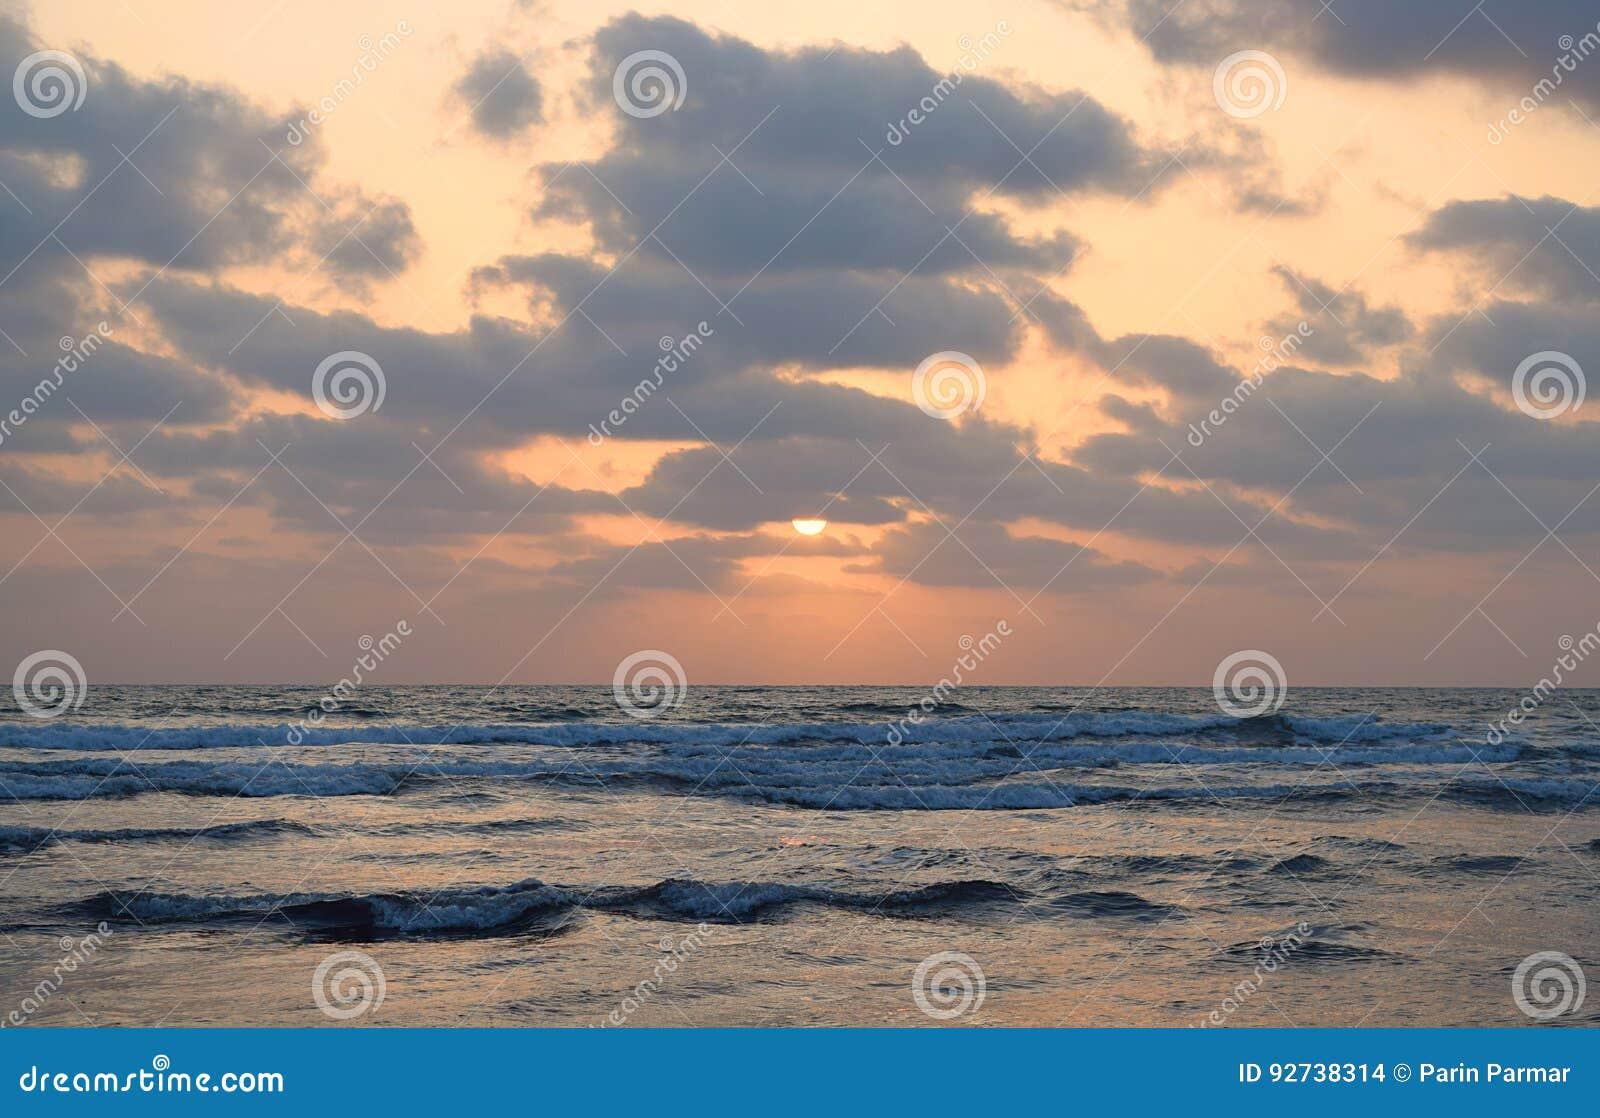 Halve Zon onder Wolken over Oneindige Oceaan - Natuurlijk Zonsondergangbehang